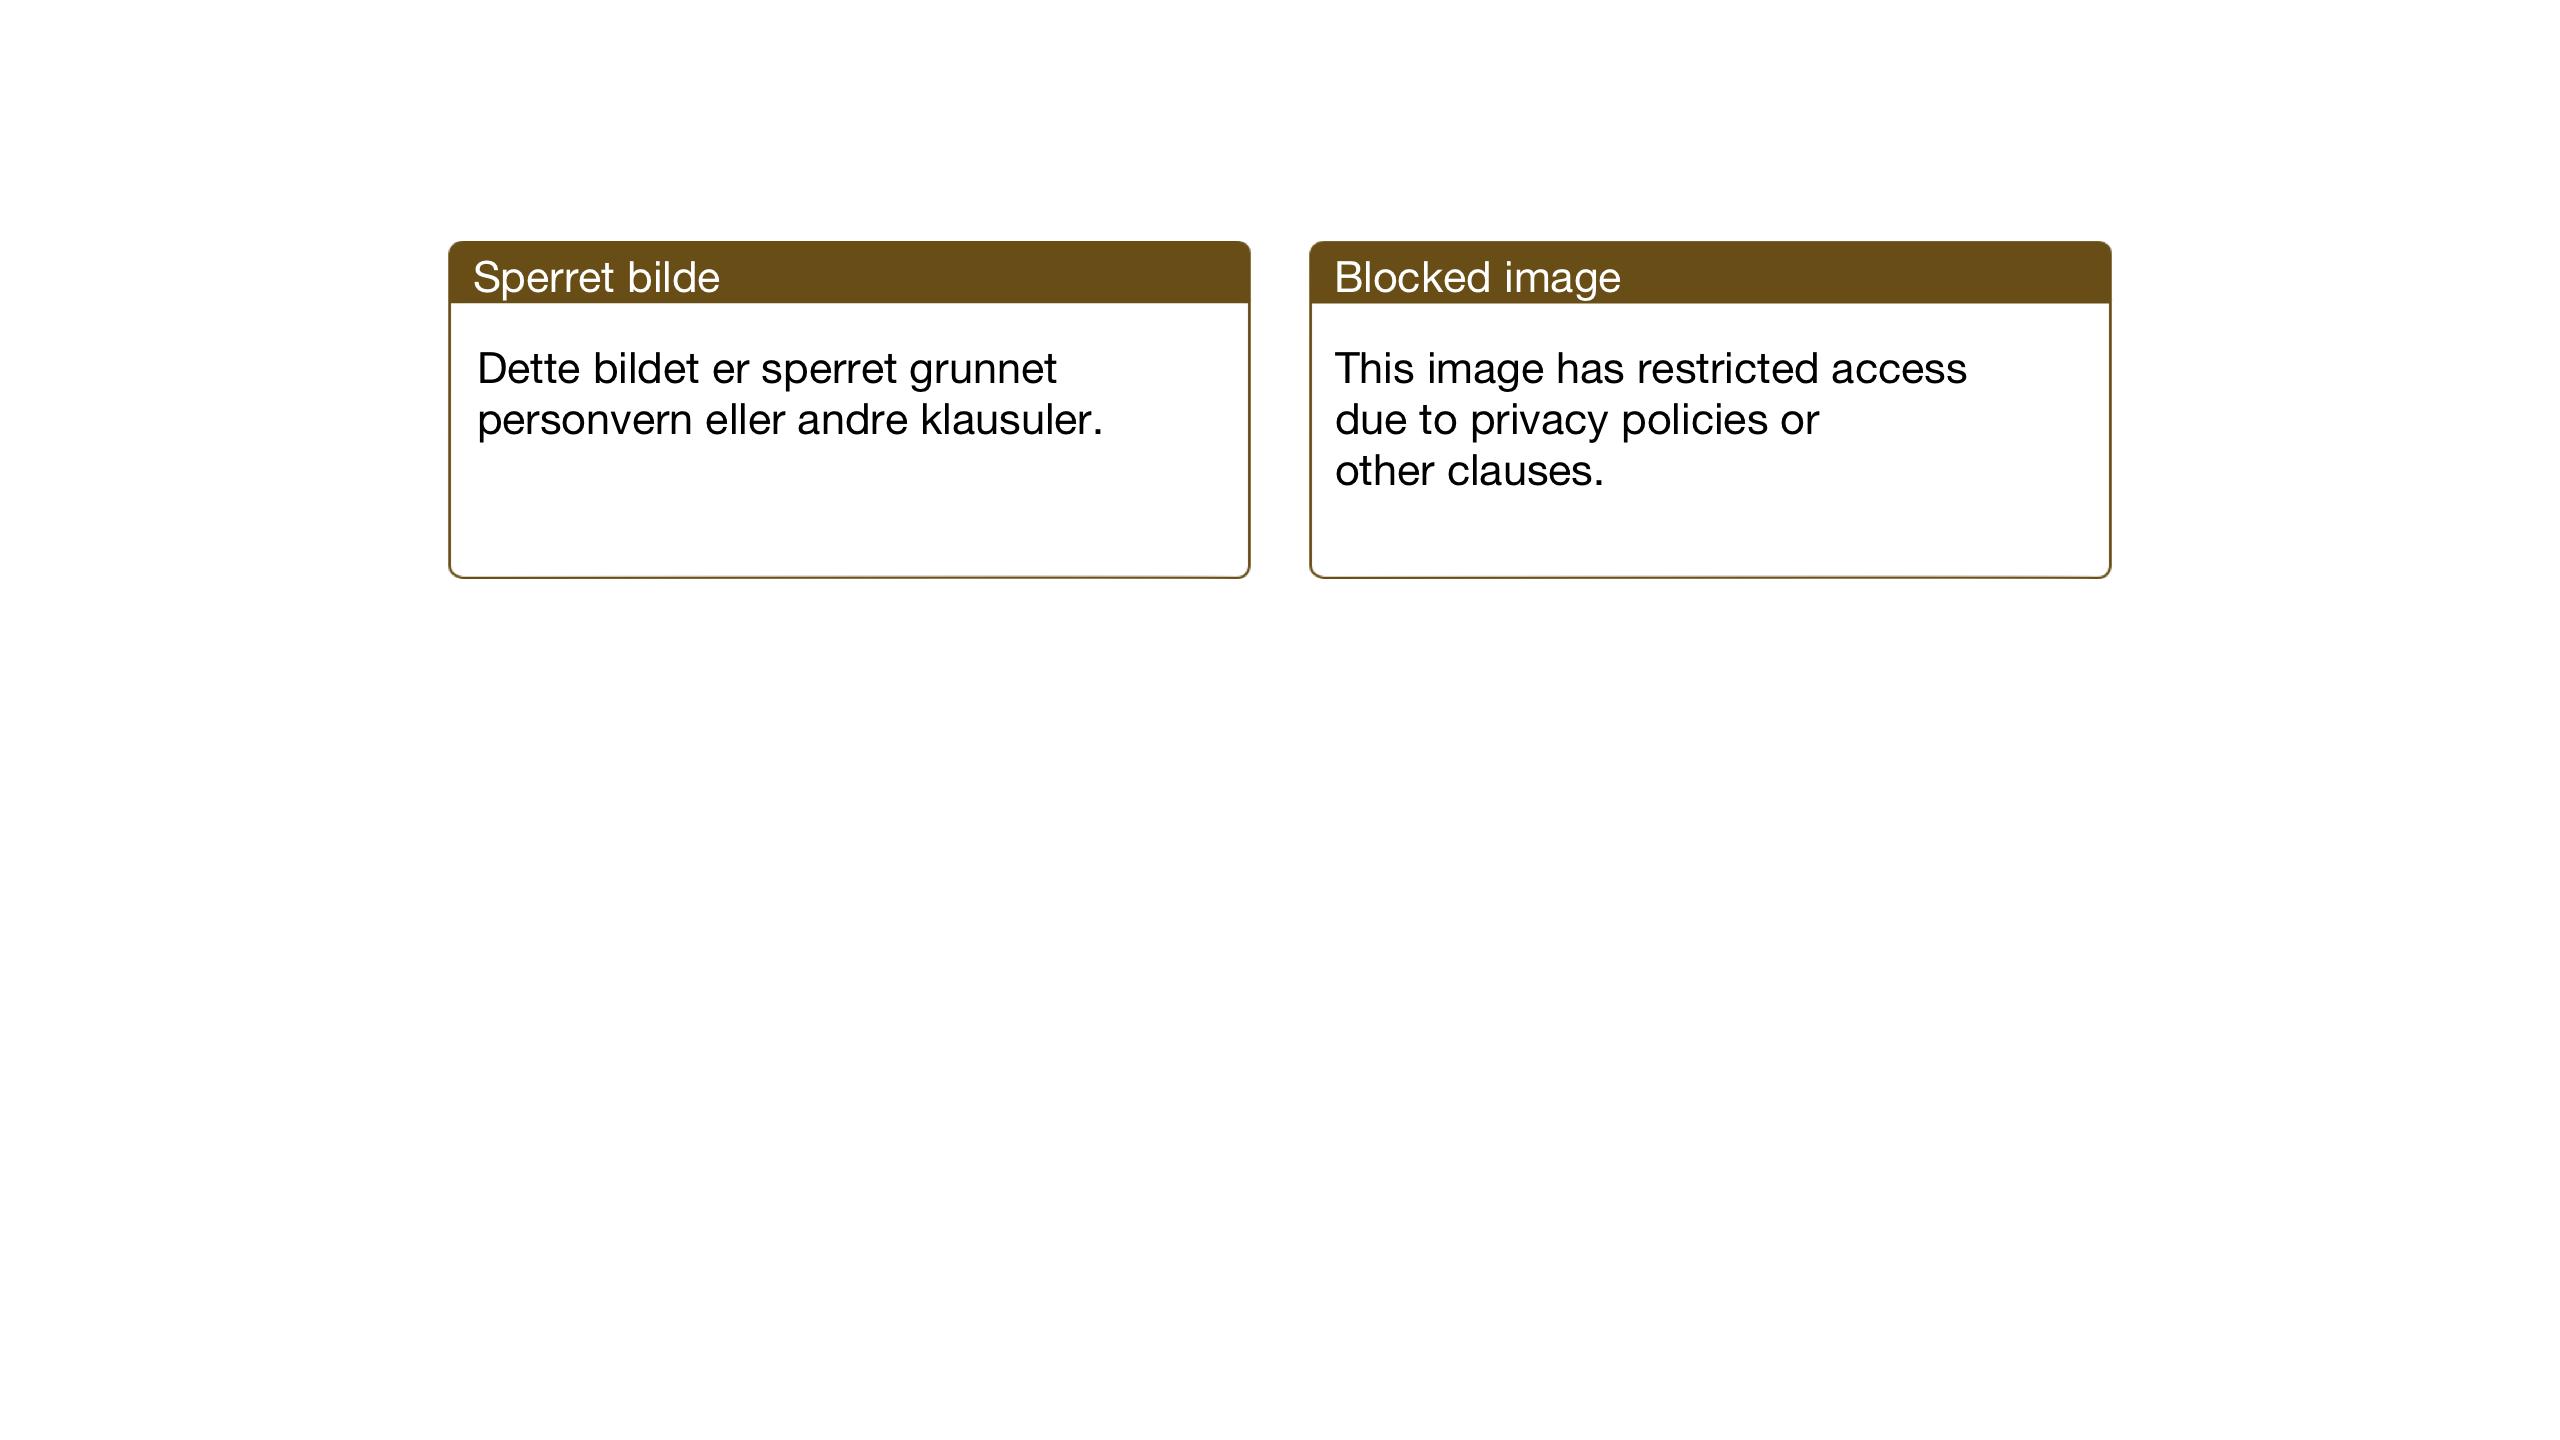 SAT, Ministerialprotokoller, klokkerbøker og fødselsregistre - Sør-Trøndelag, 674/L0878: Klokkerbok nr. 674C05, 1941-1950, s. 12